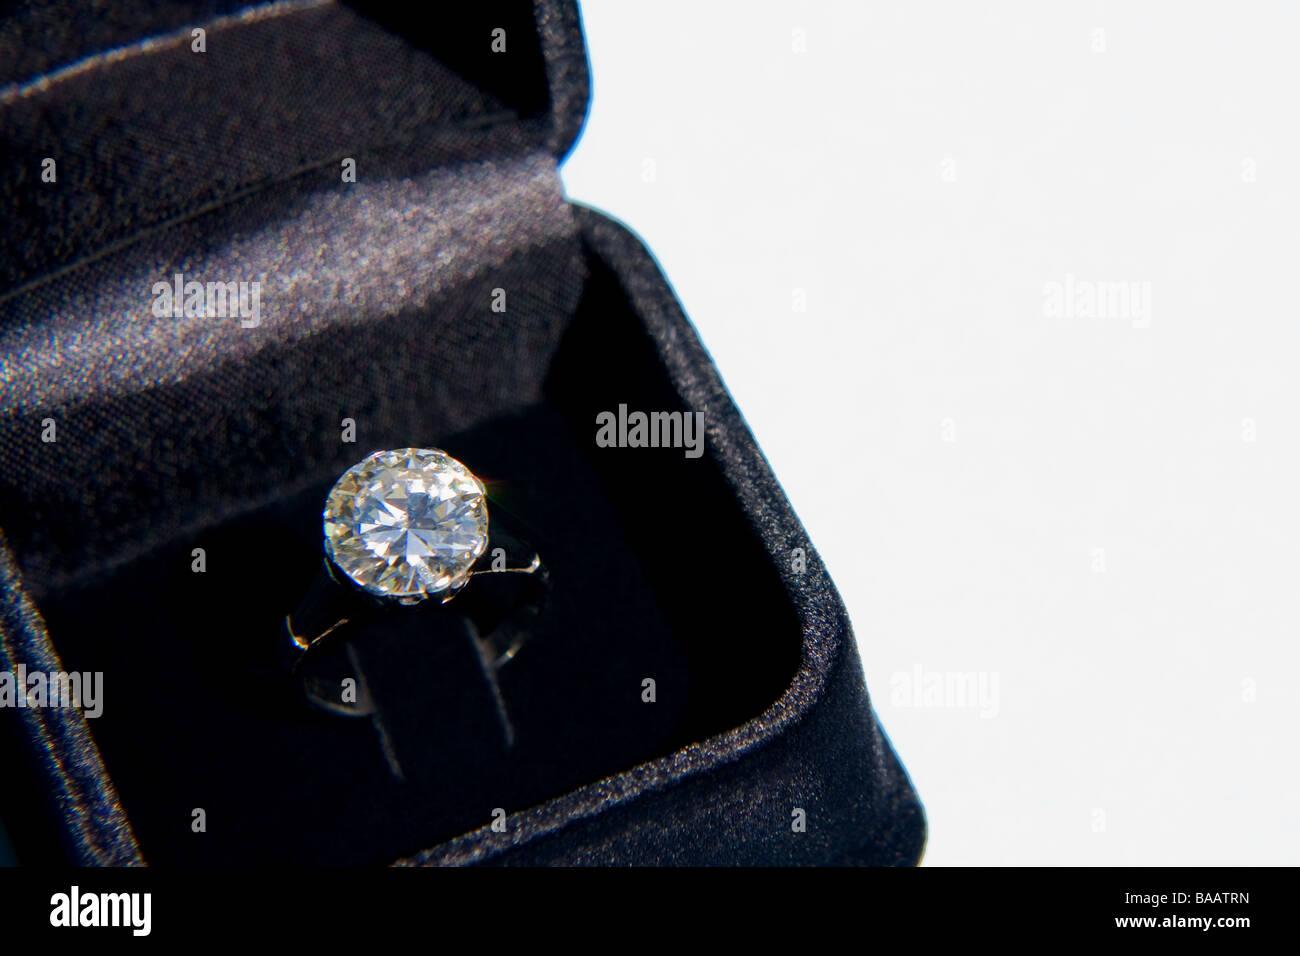 Sparkling diamond ring in velvet box - Stock Image